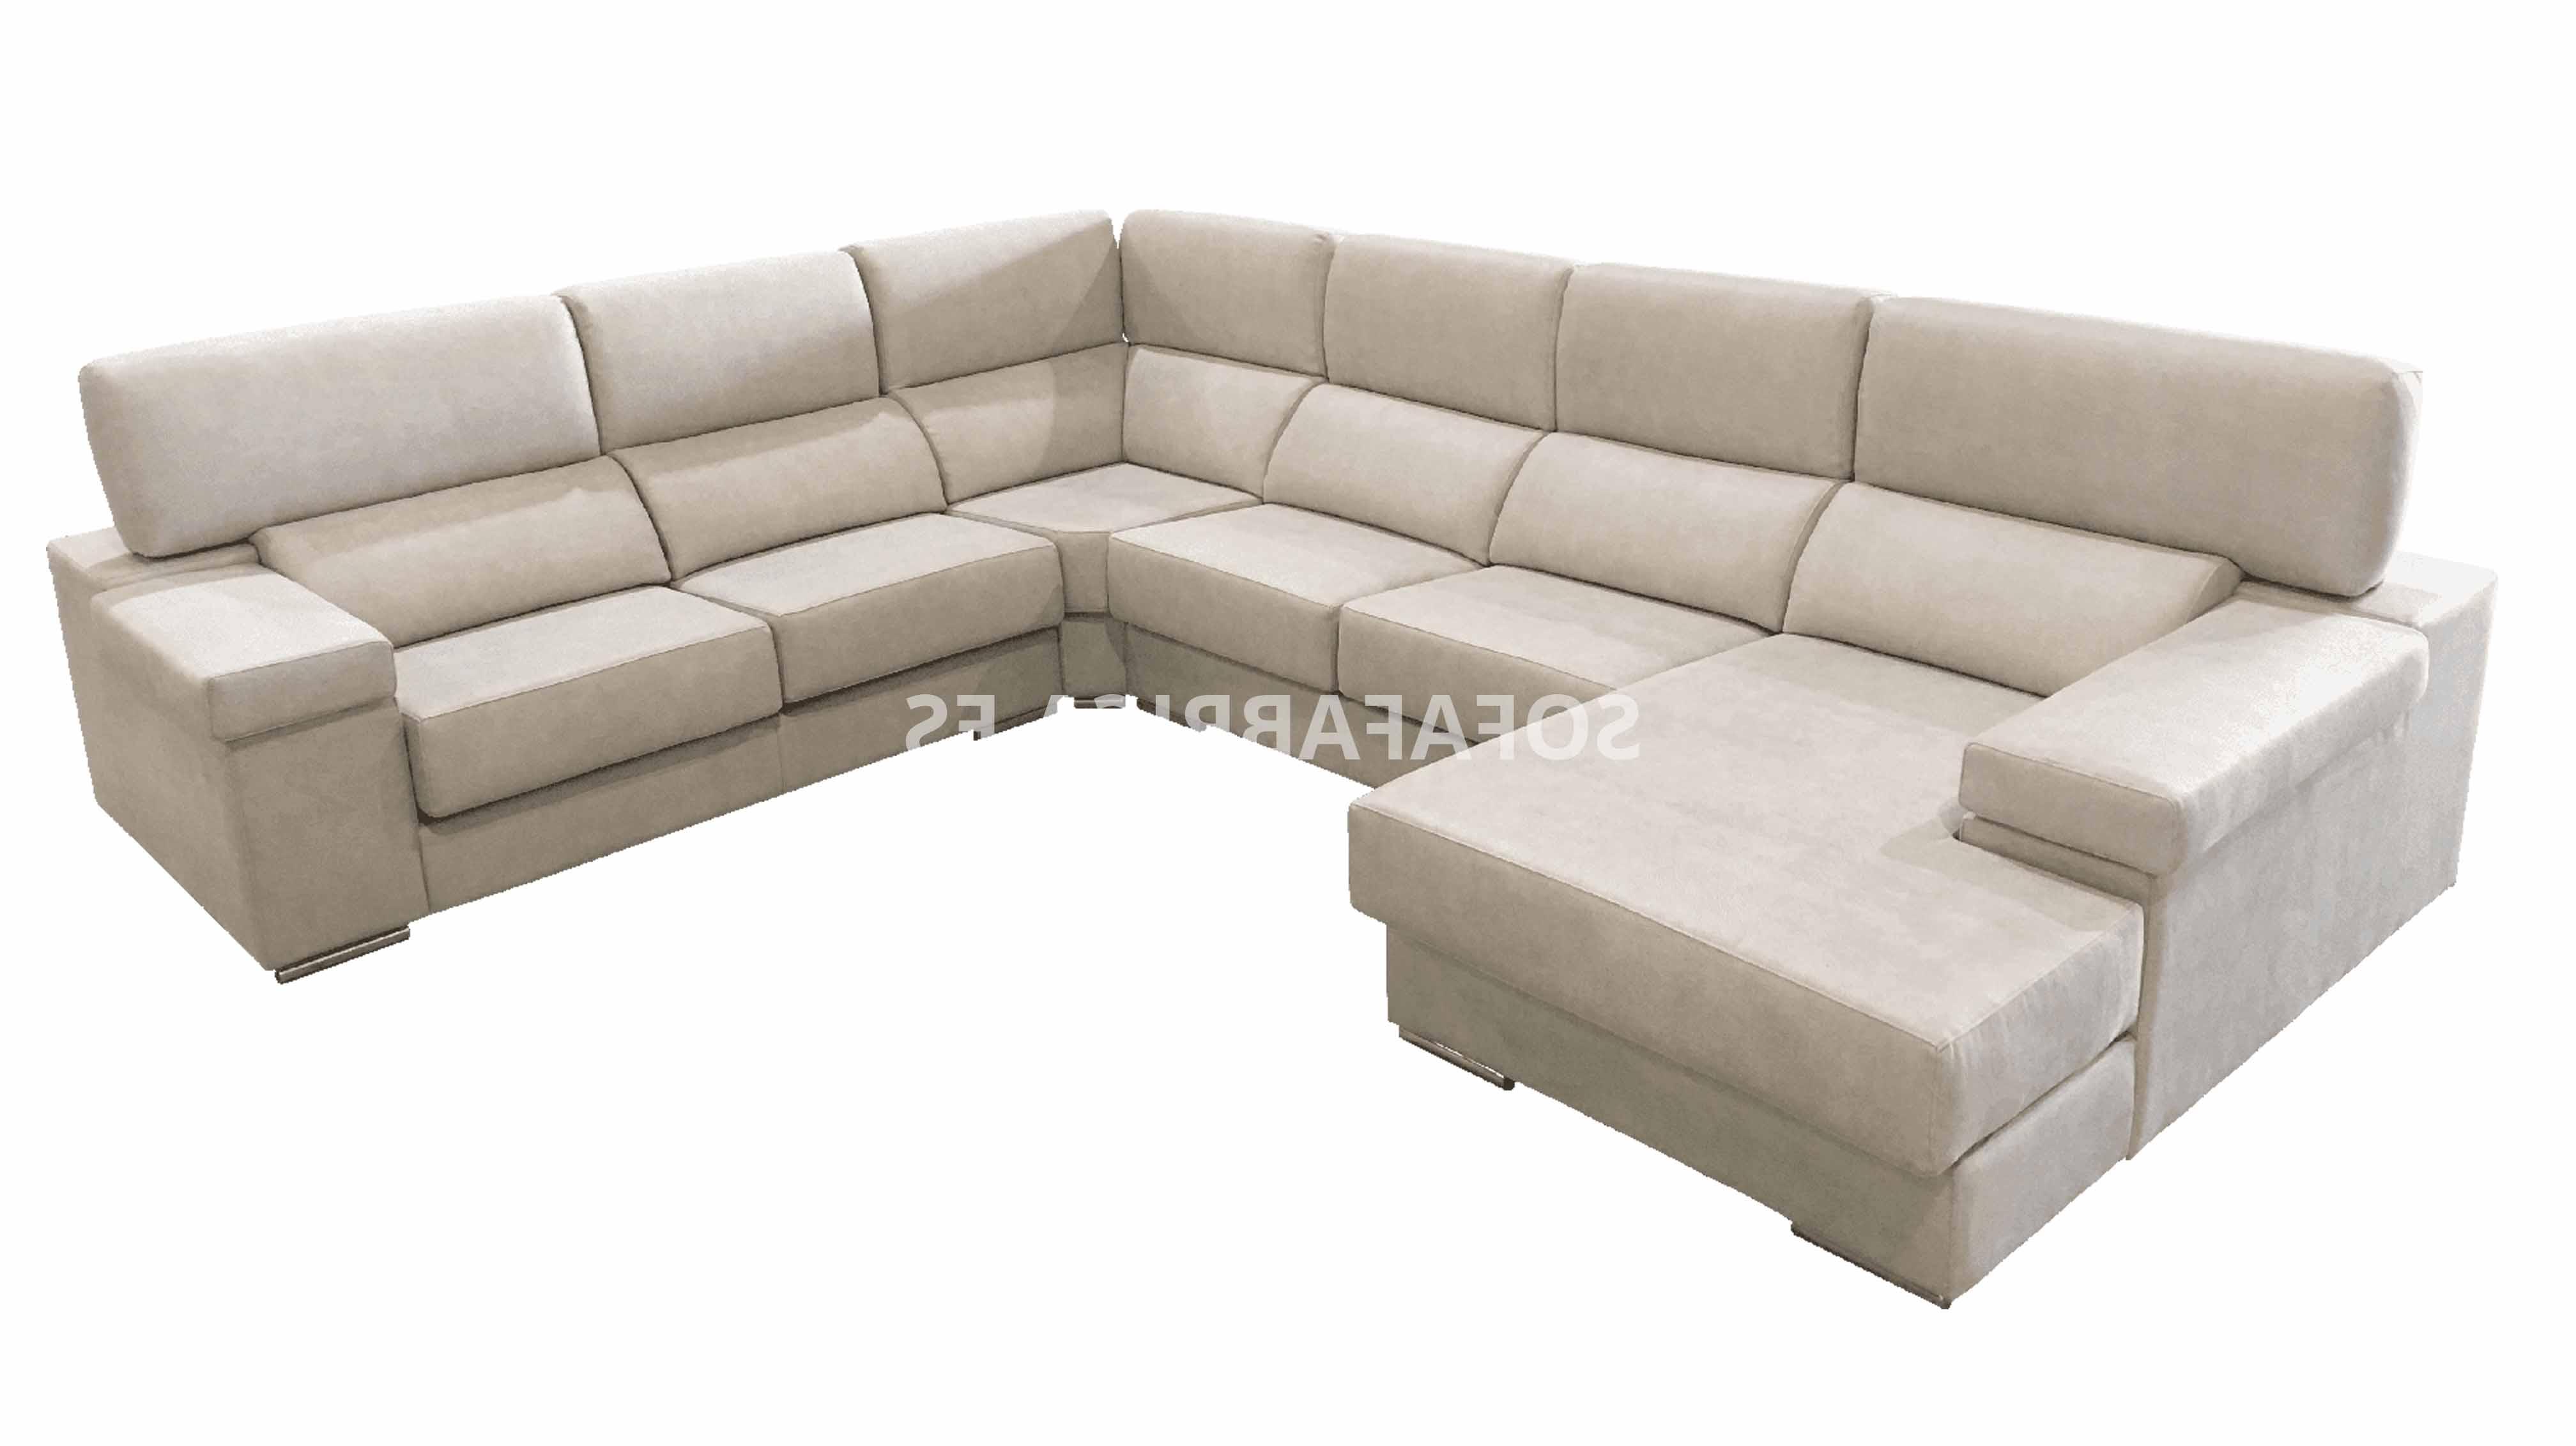 Ofertas En sofas Bqdd â sofà S Baratos En Stock Disponibilidad Inmediata sofà Fà Brica â